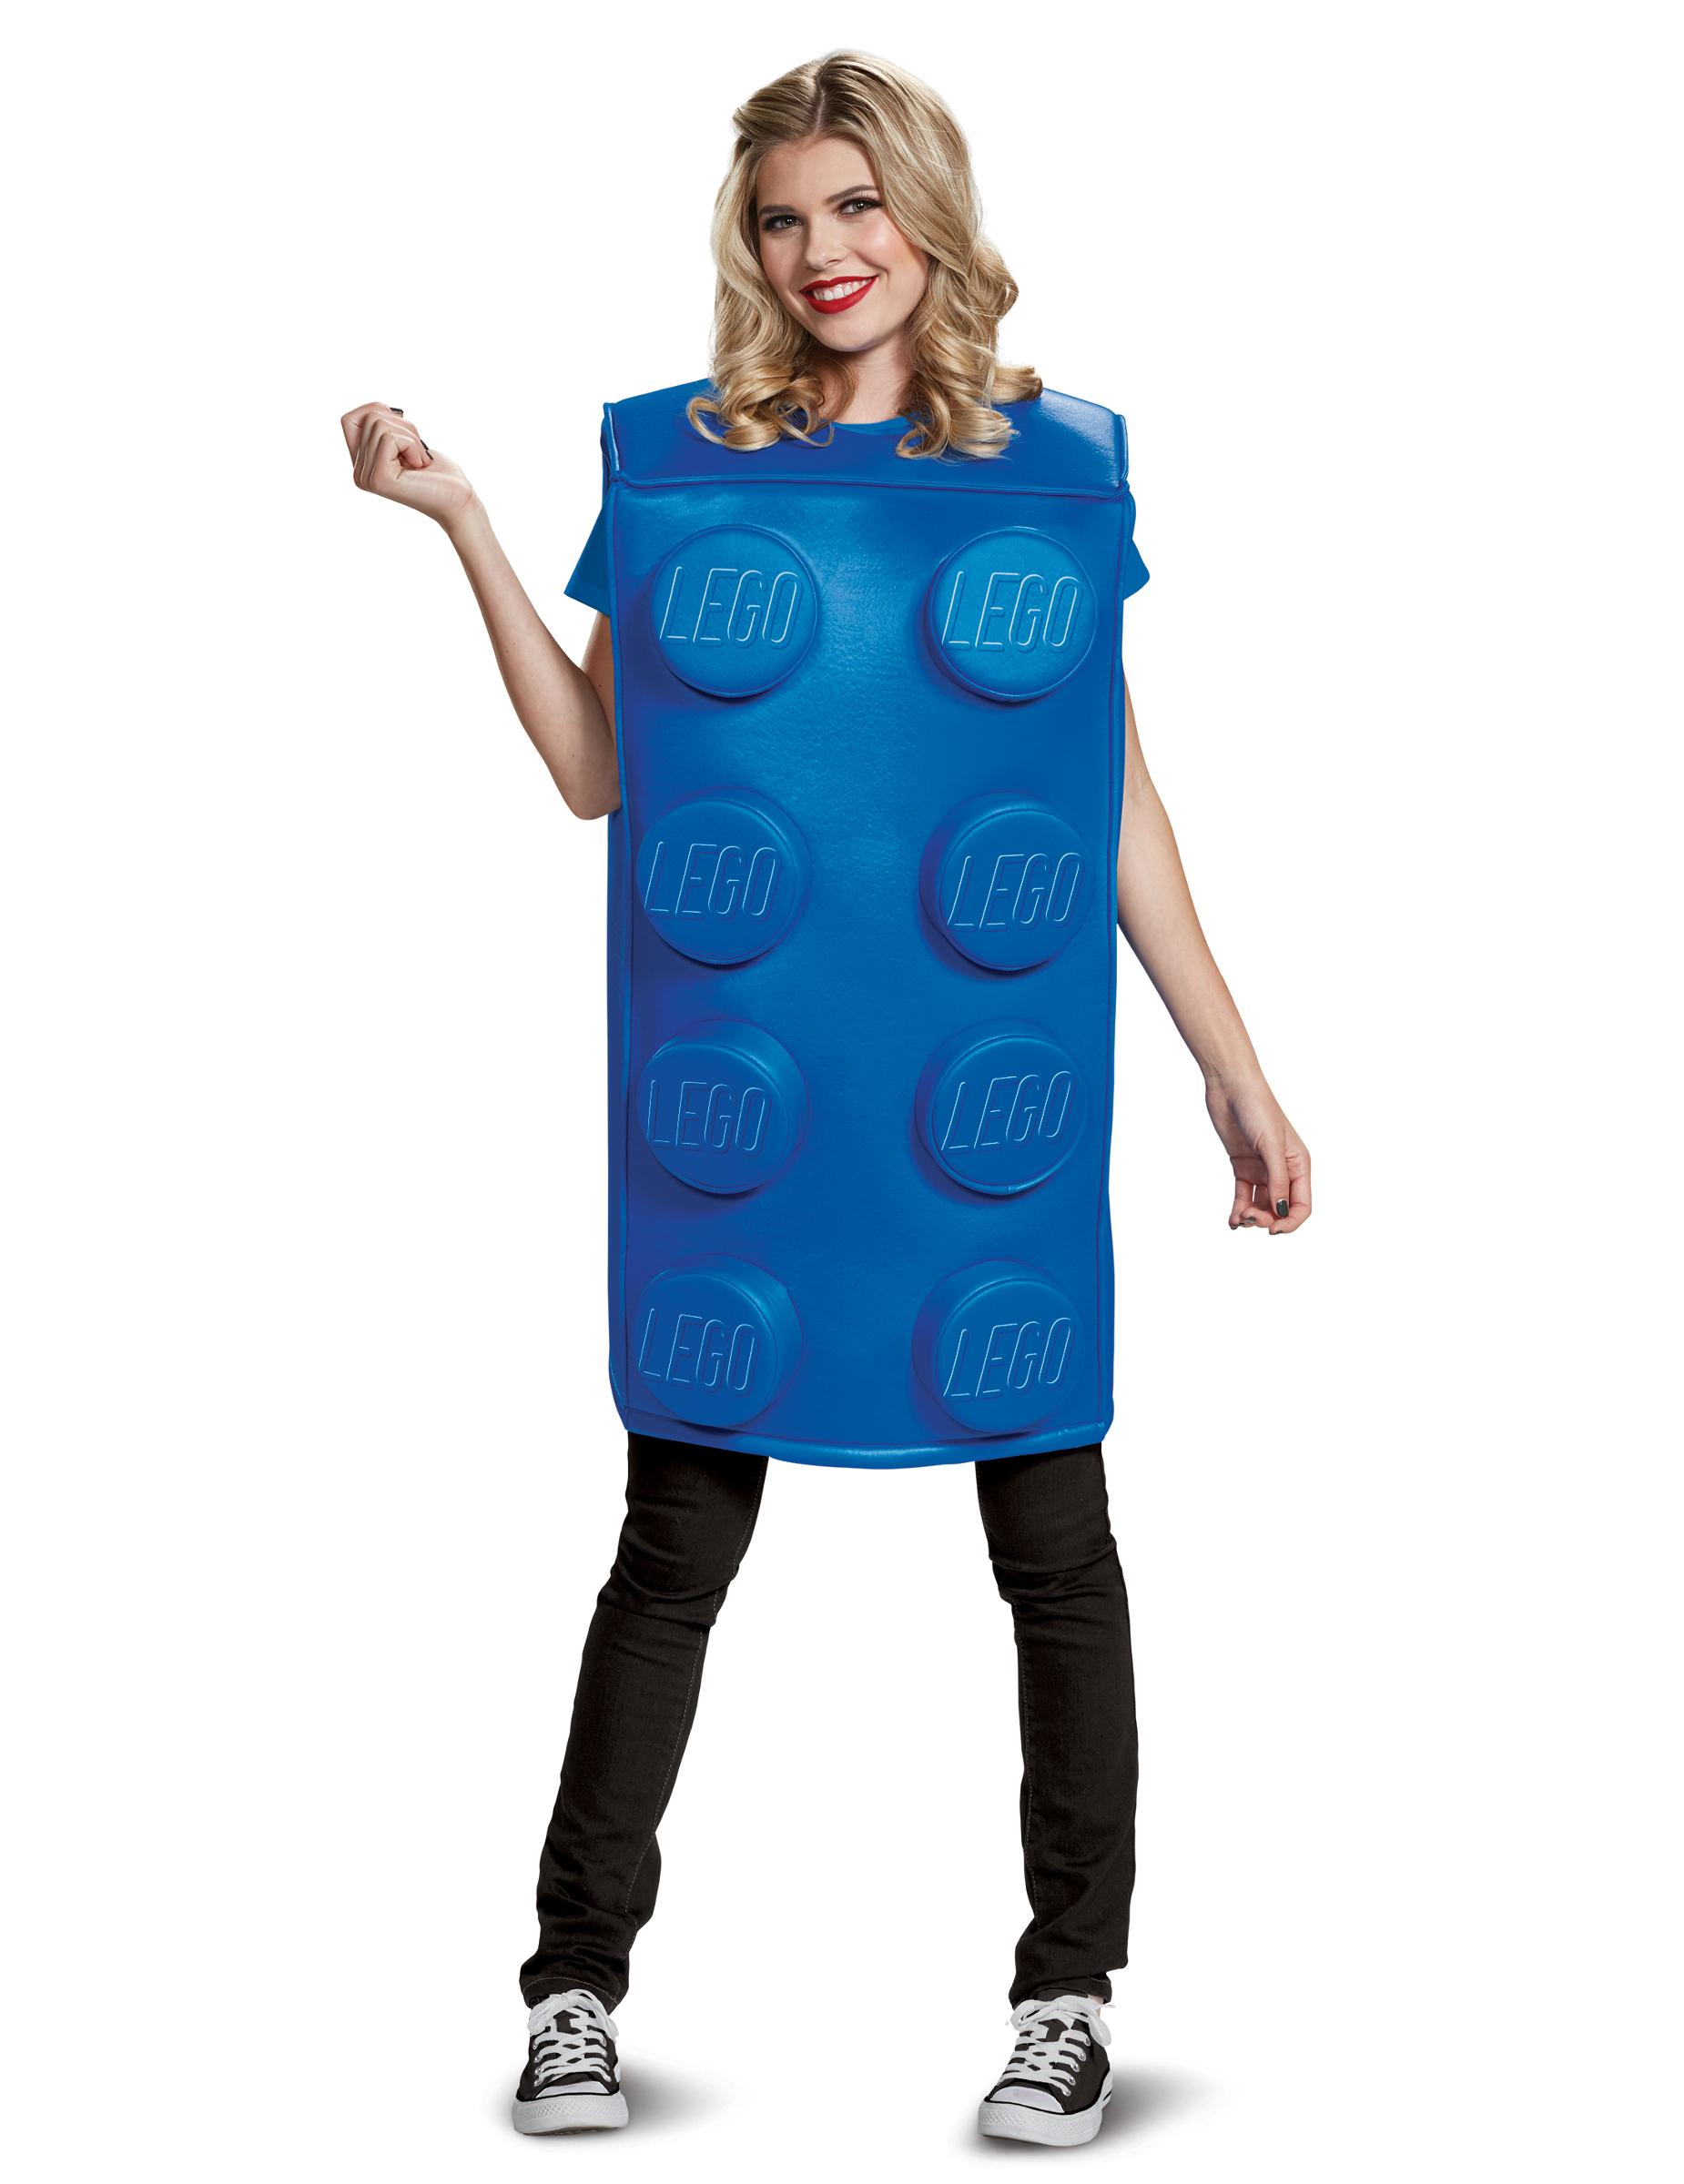 7e579a46 Disfraz pieza de Lego azul adulto: Disfraces adultos,y disfraces ...